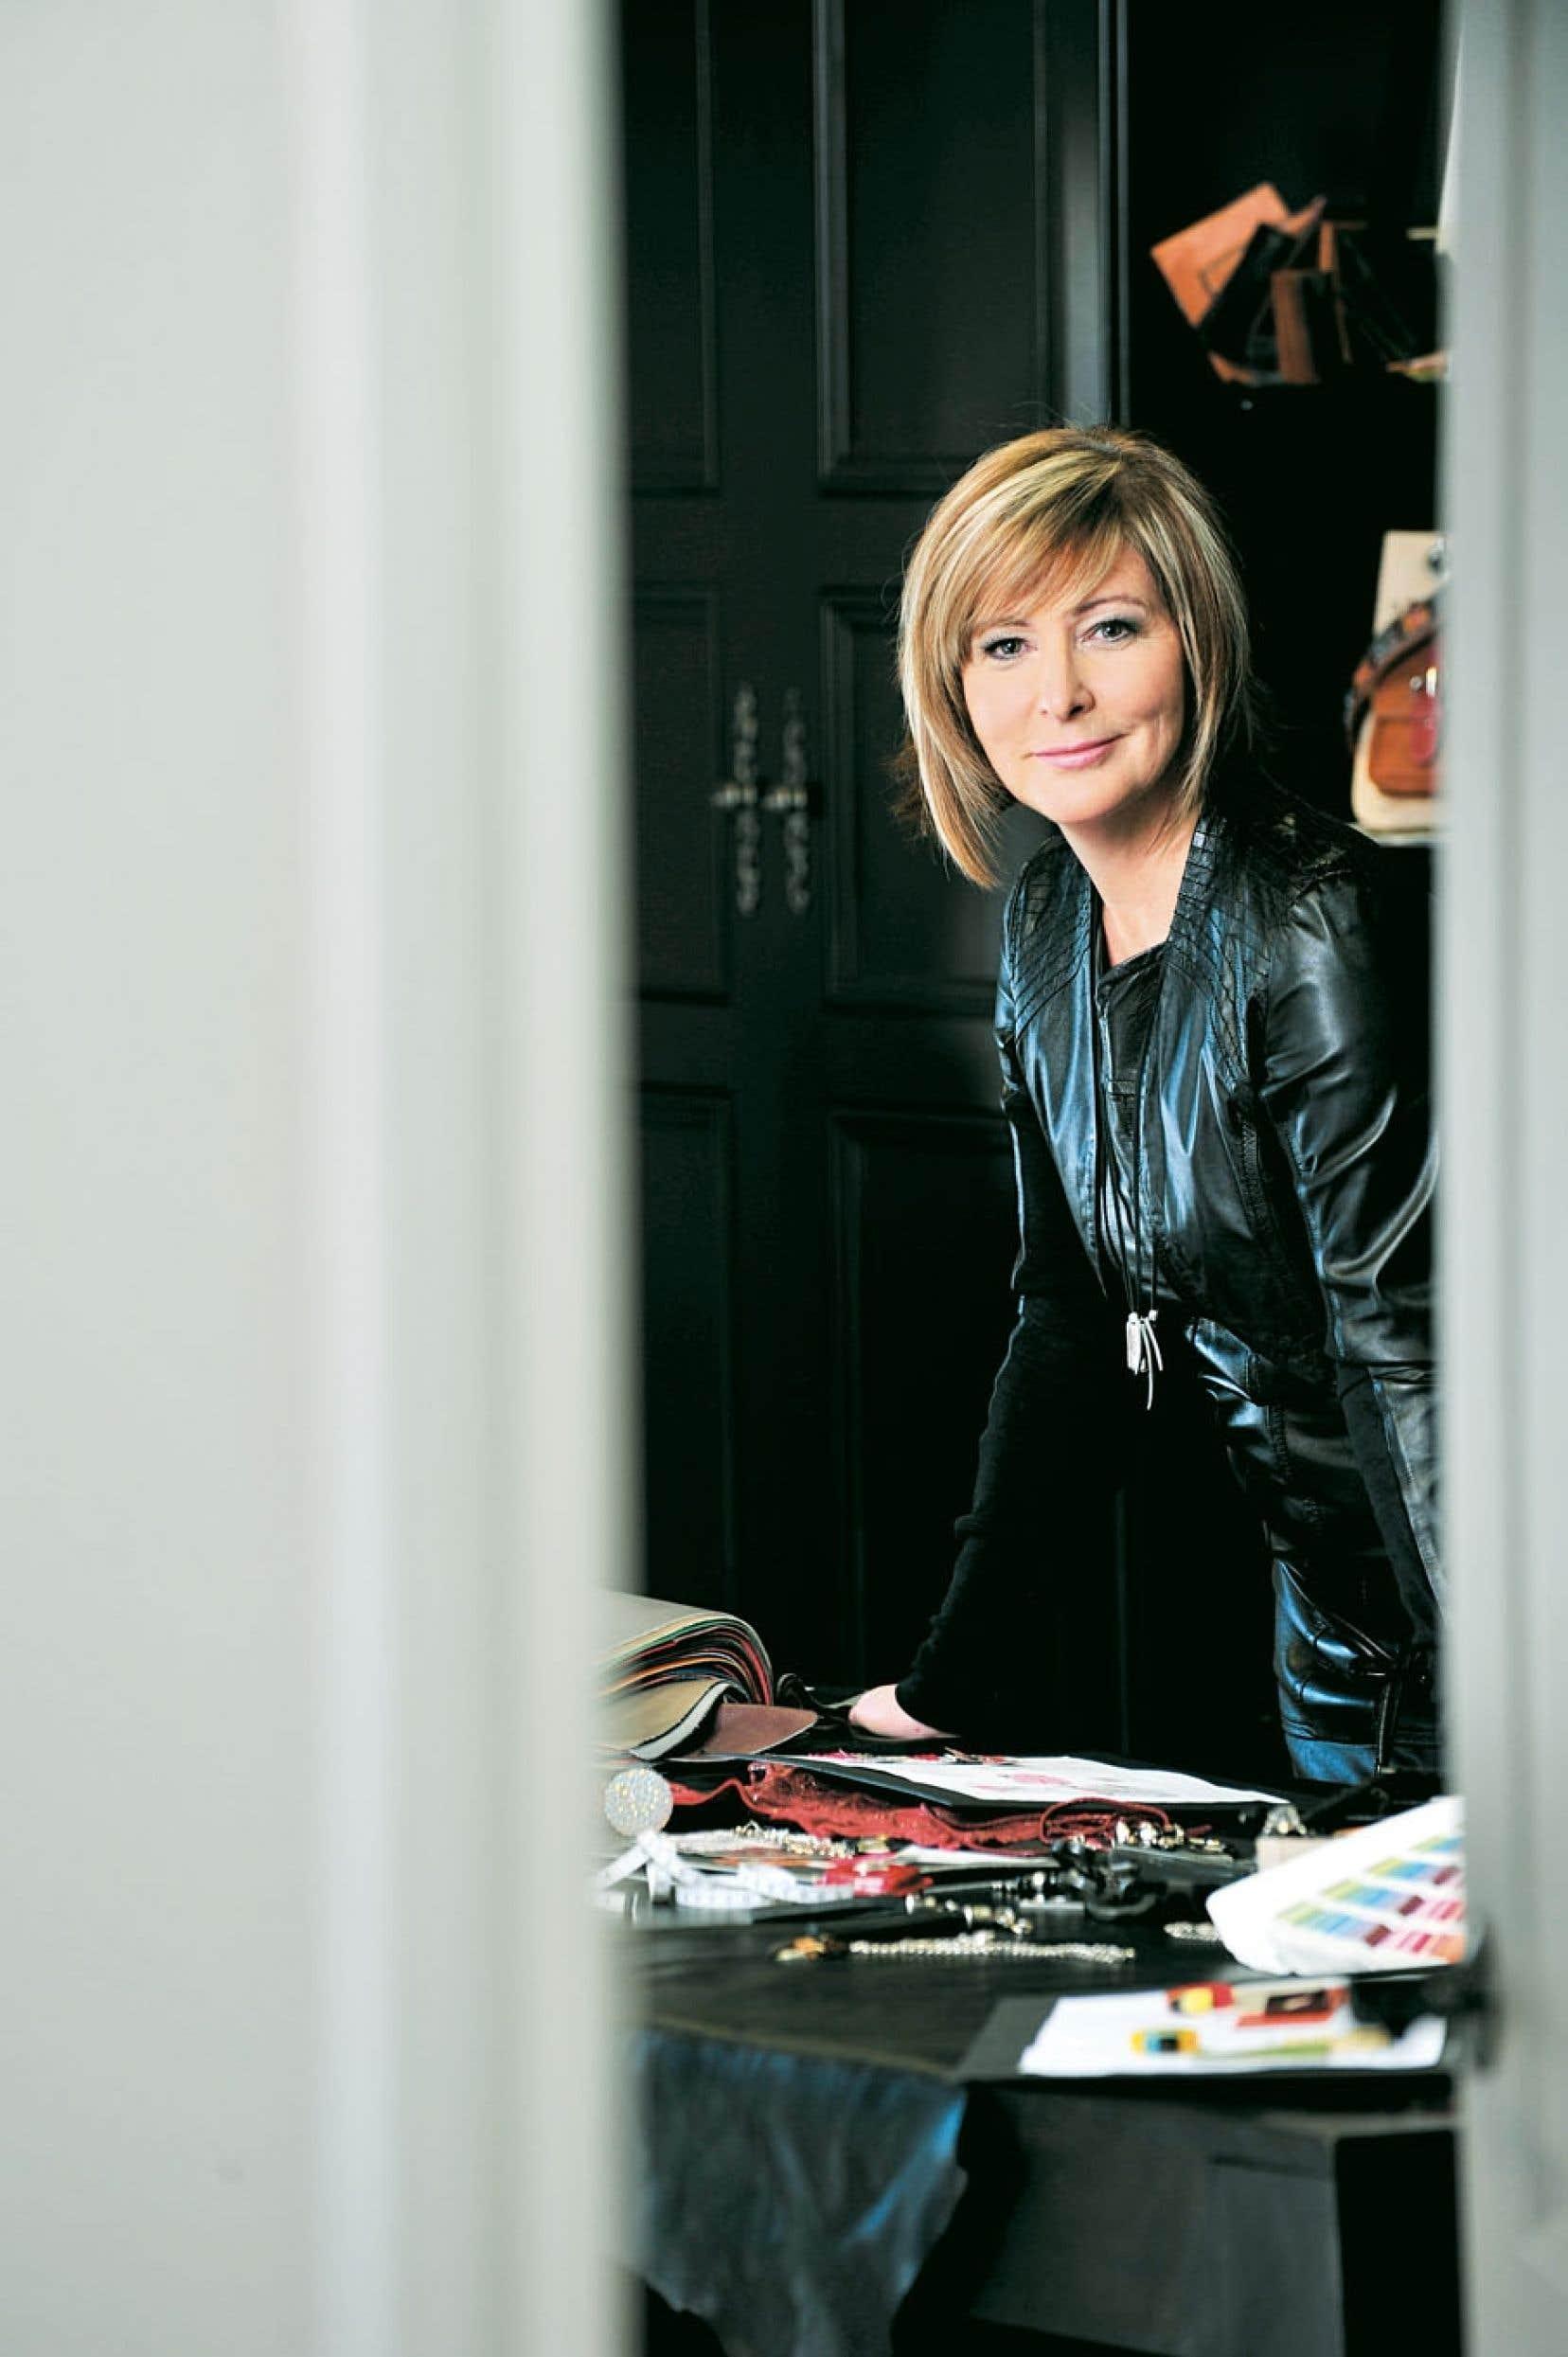 <div> La designer Johanne Boivin est une passionnée qui a su imposer sa marque et faire de Joanel un fleuron québécois parmi les créateurs d'accessoires mode et de maroquinerie.</div>